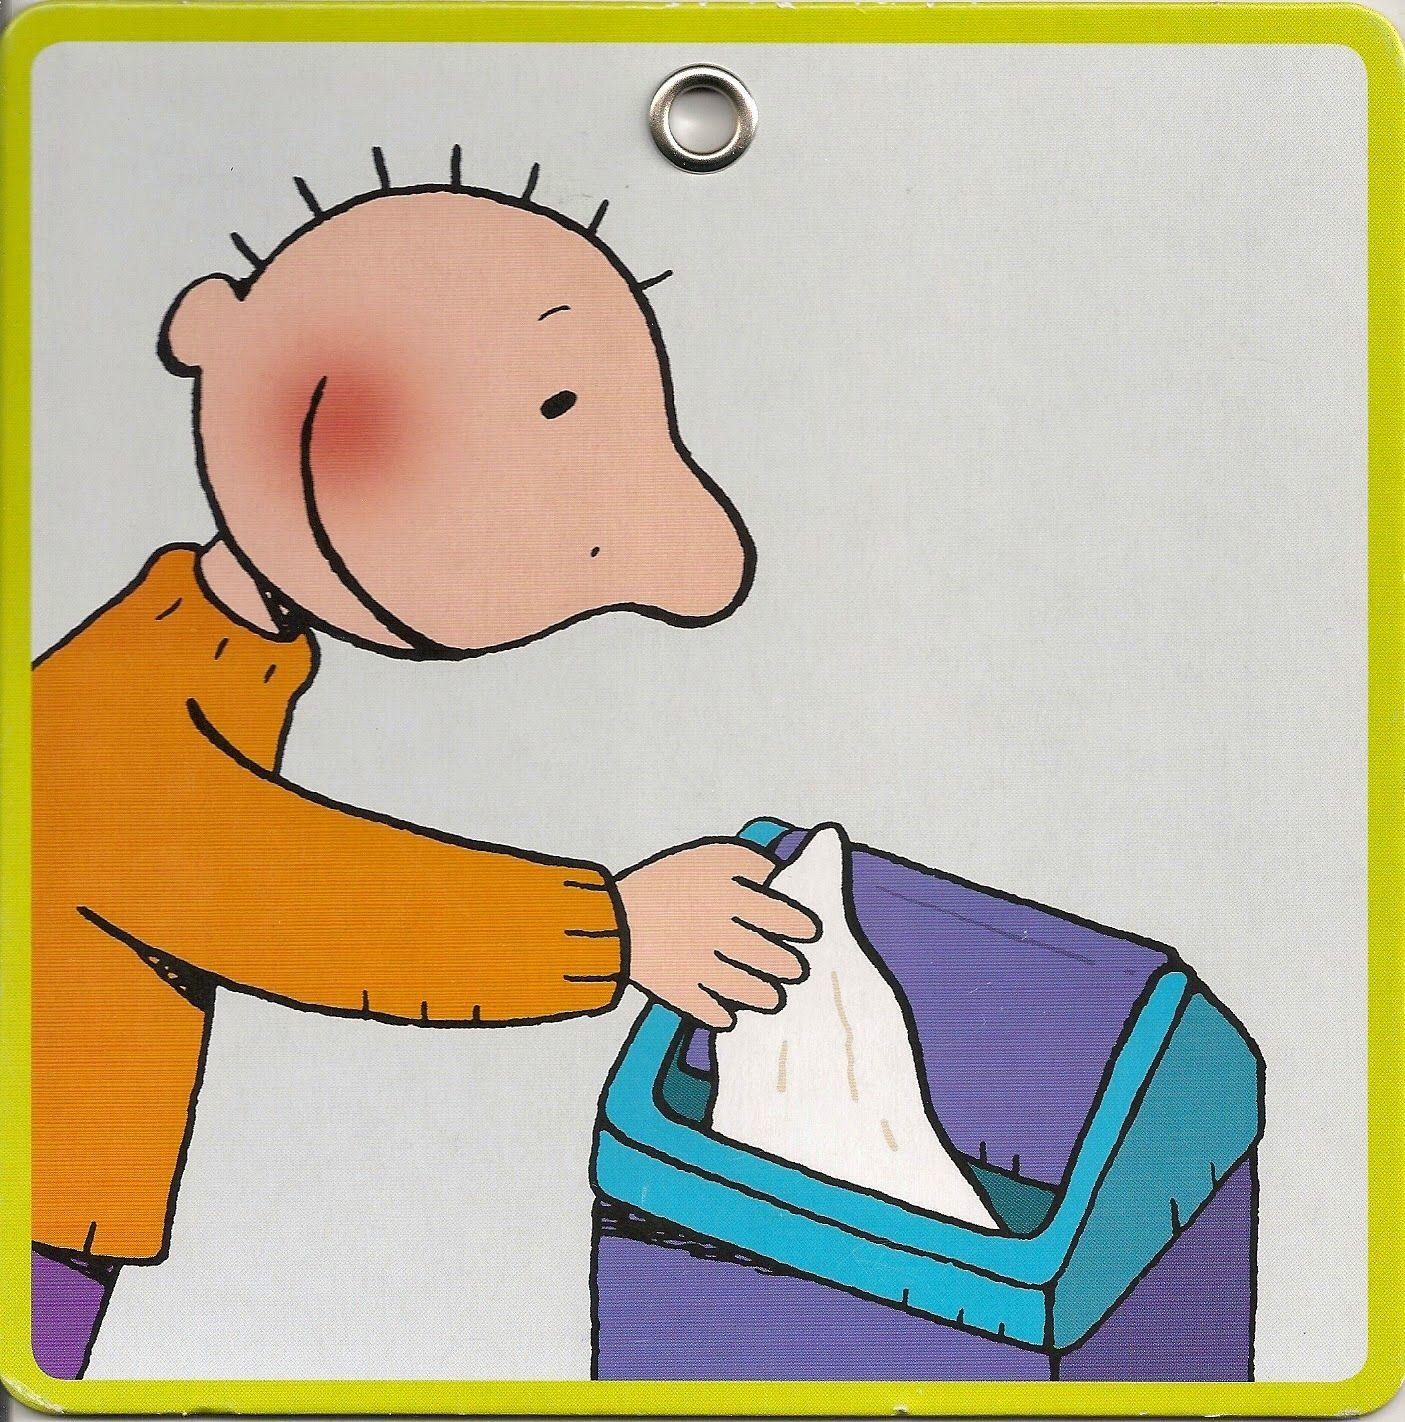 stappenplan neus snuiten handen wassen jas aantrekken